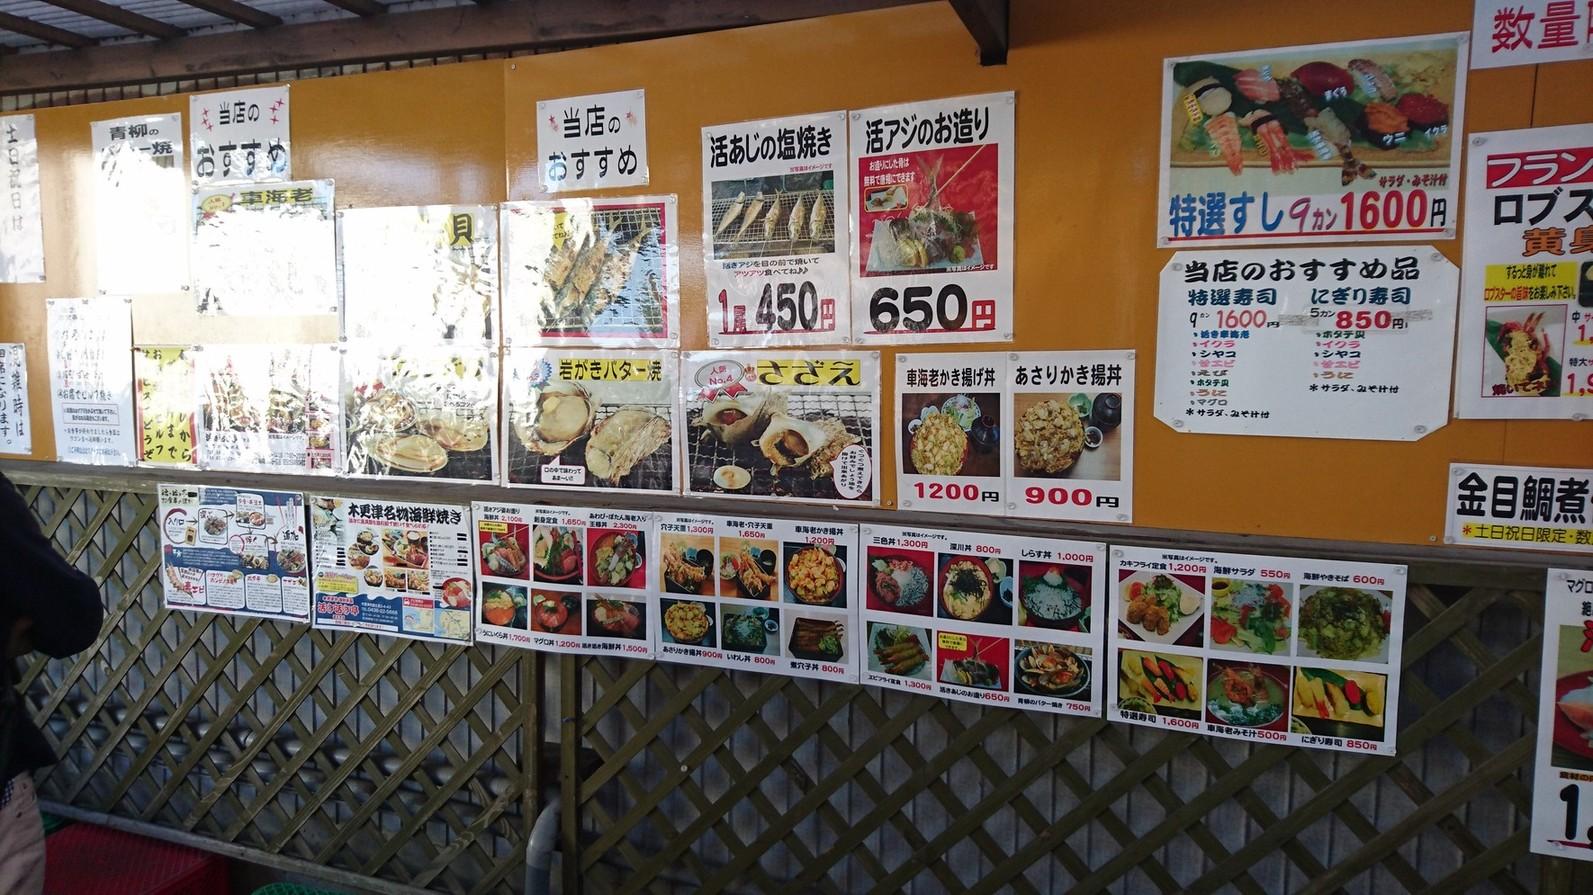 木更津市のおすすめ魚介・海鮮料理 (すべて) [食ベ …